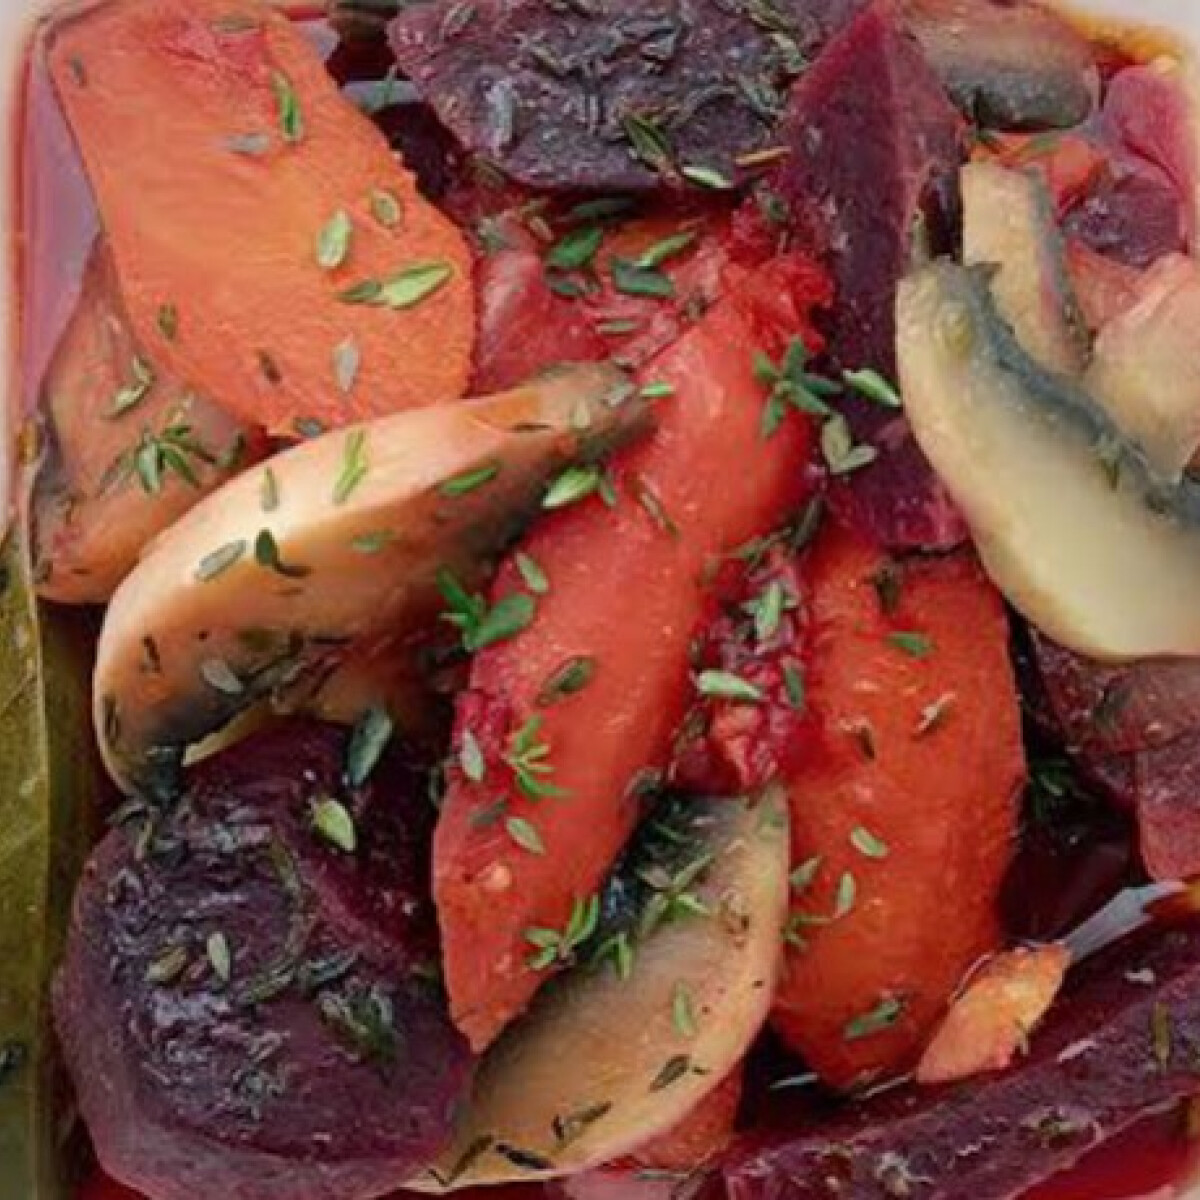 Ezen a képen: Vörösborban párolt kakukkfüves téli zöldségek